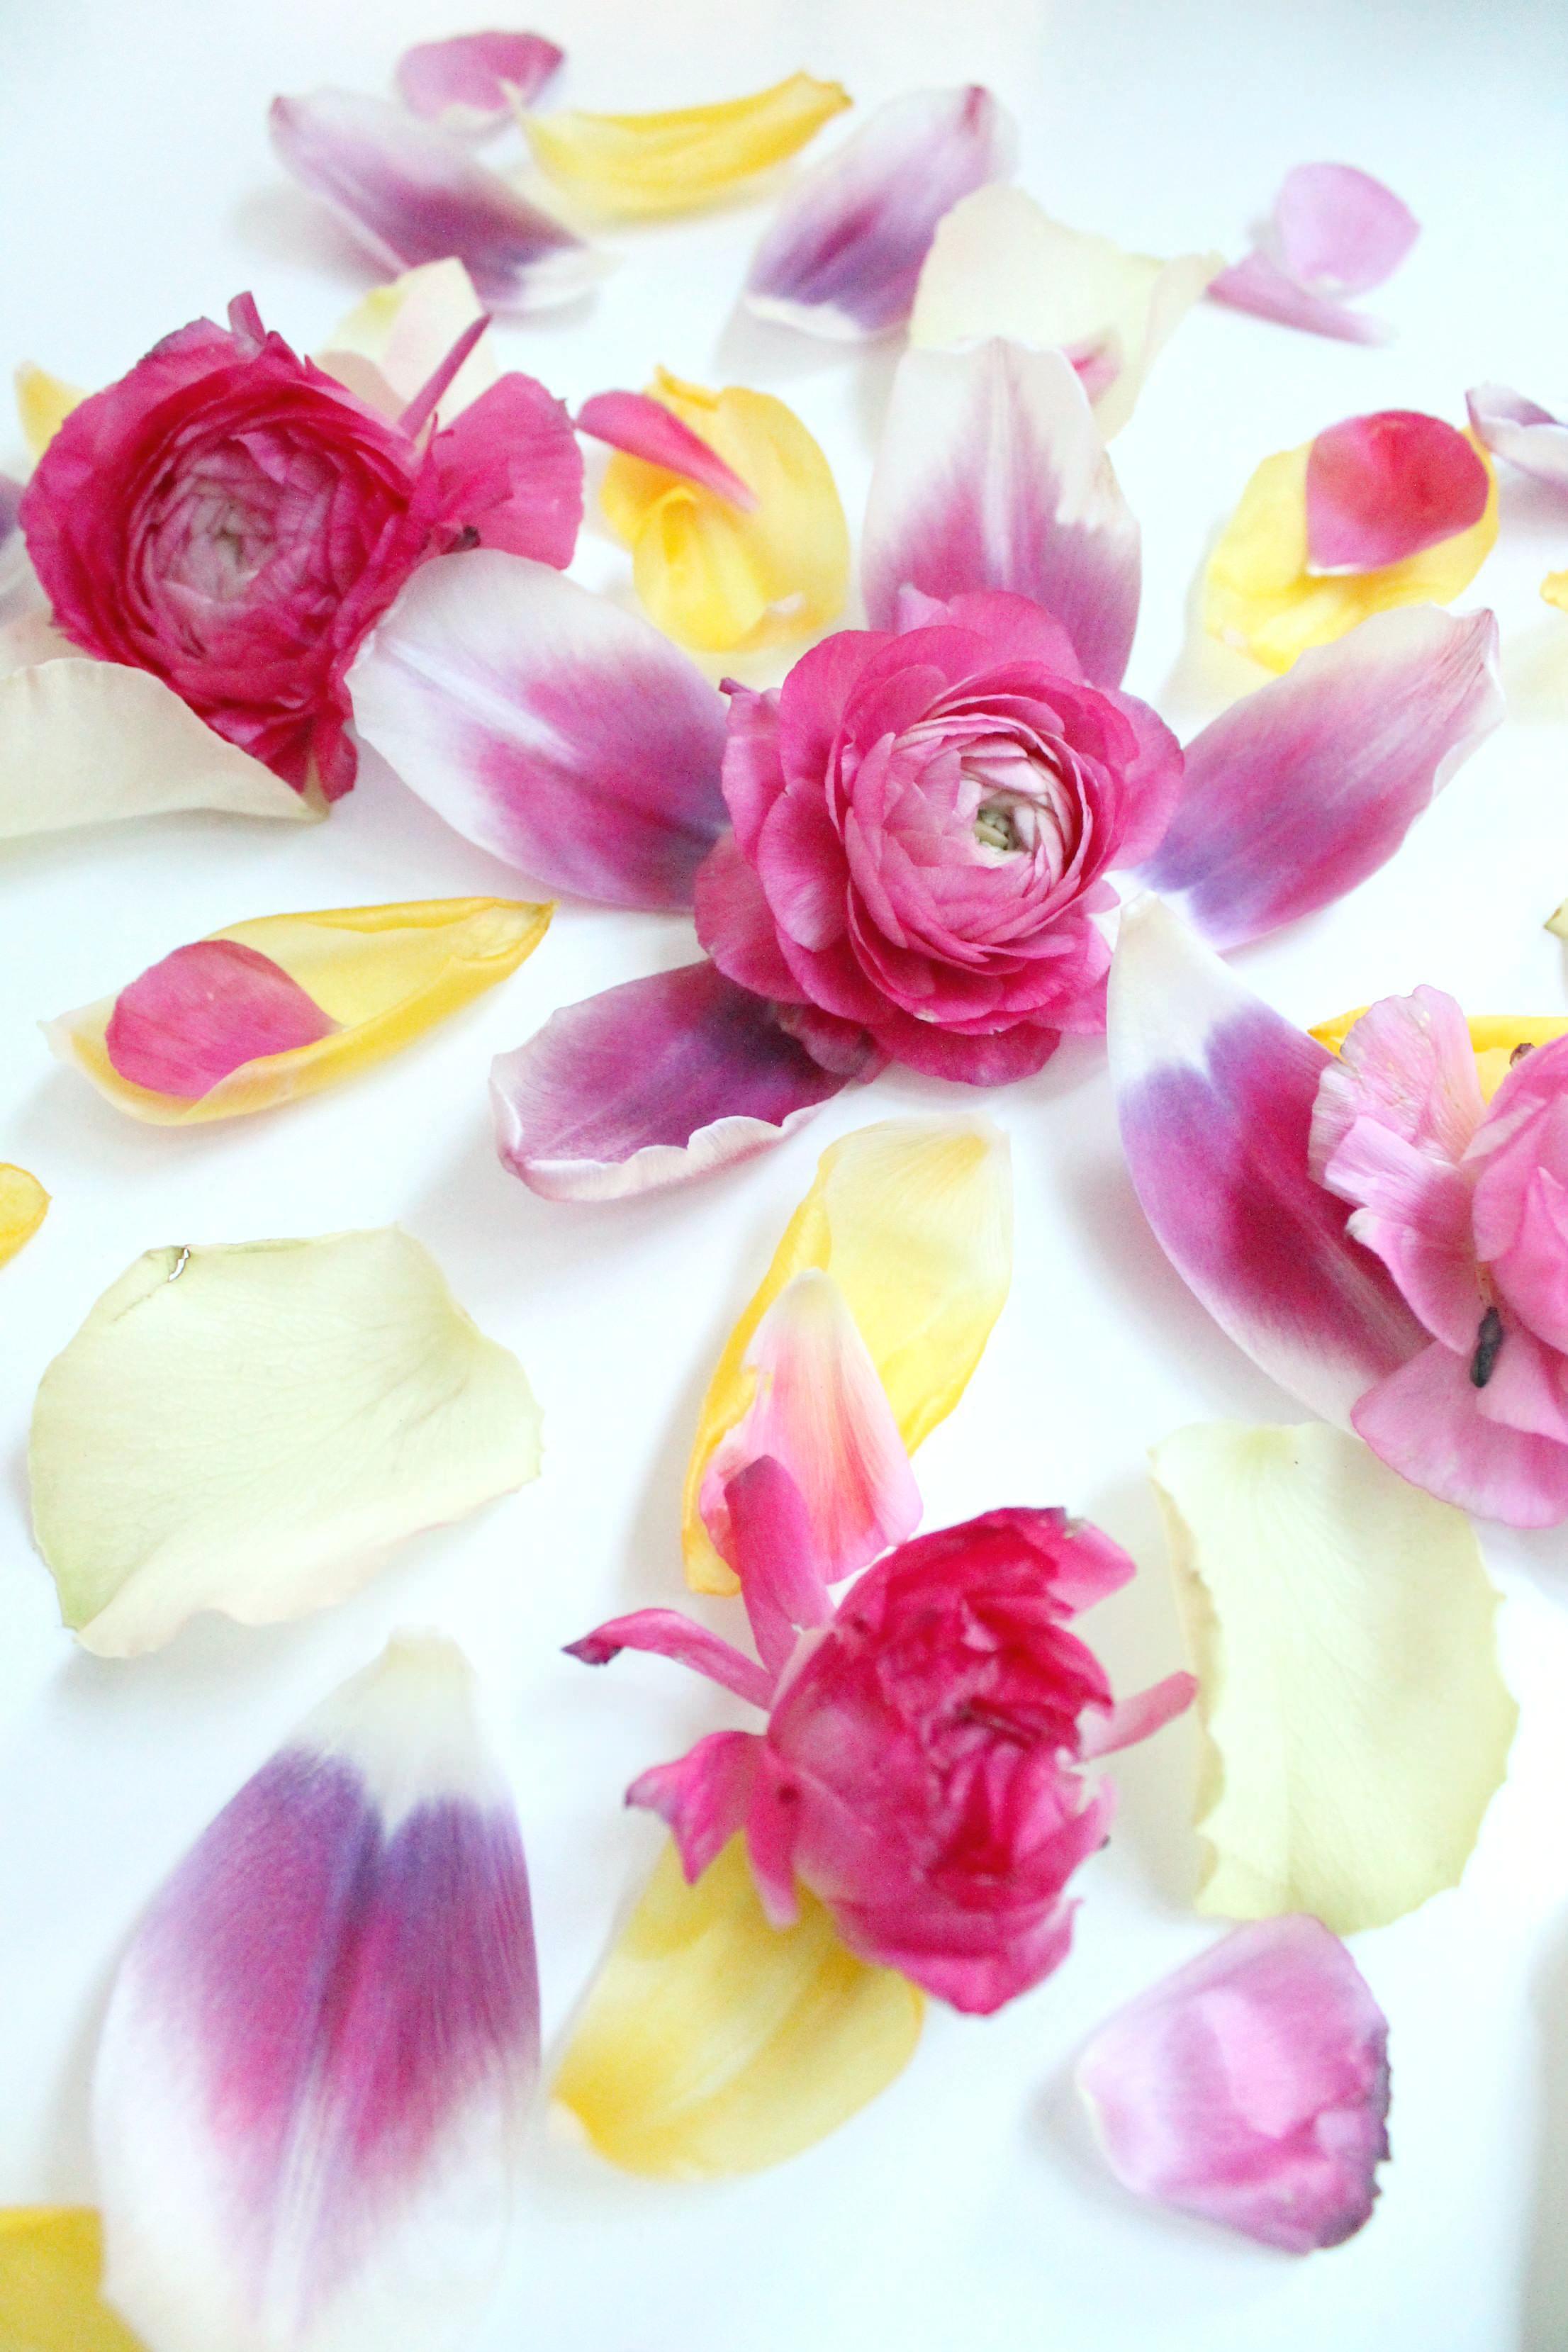 Flower-petals-by-Little-Big-Bell